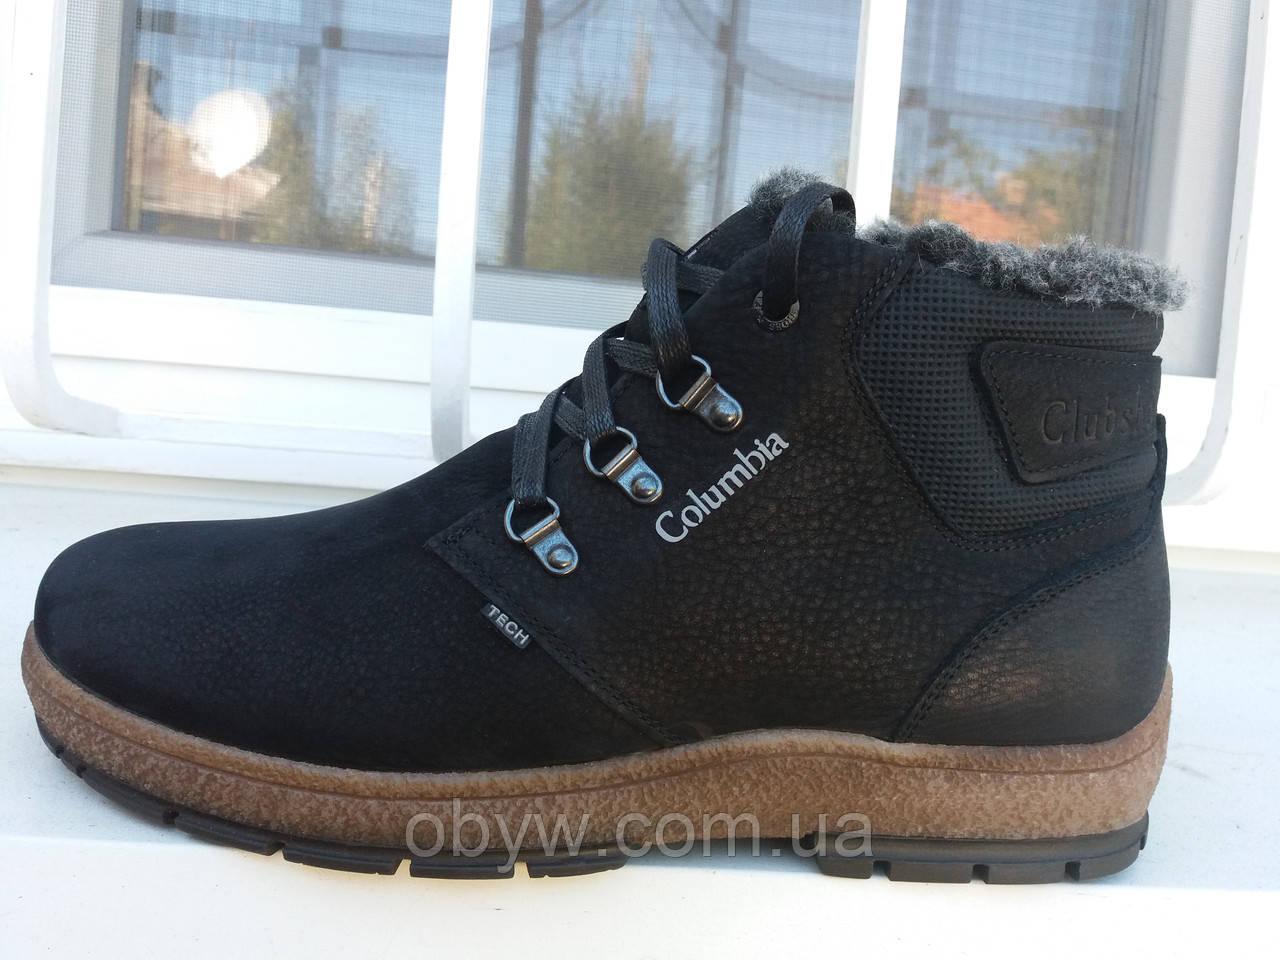 Зимние ботинки Calambia